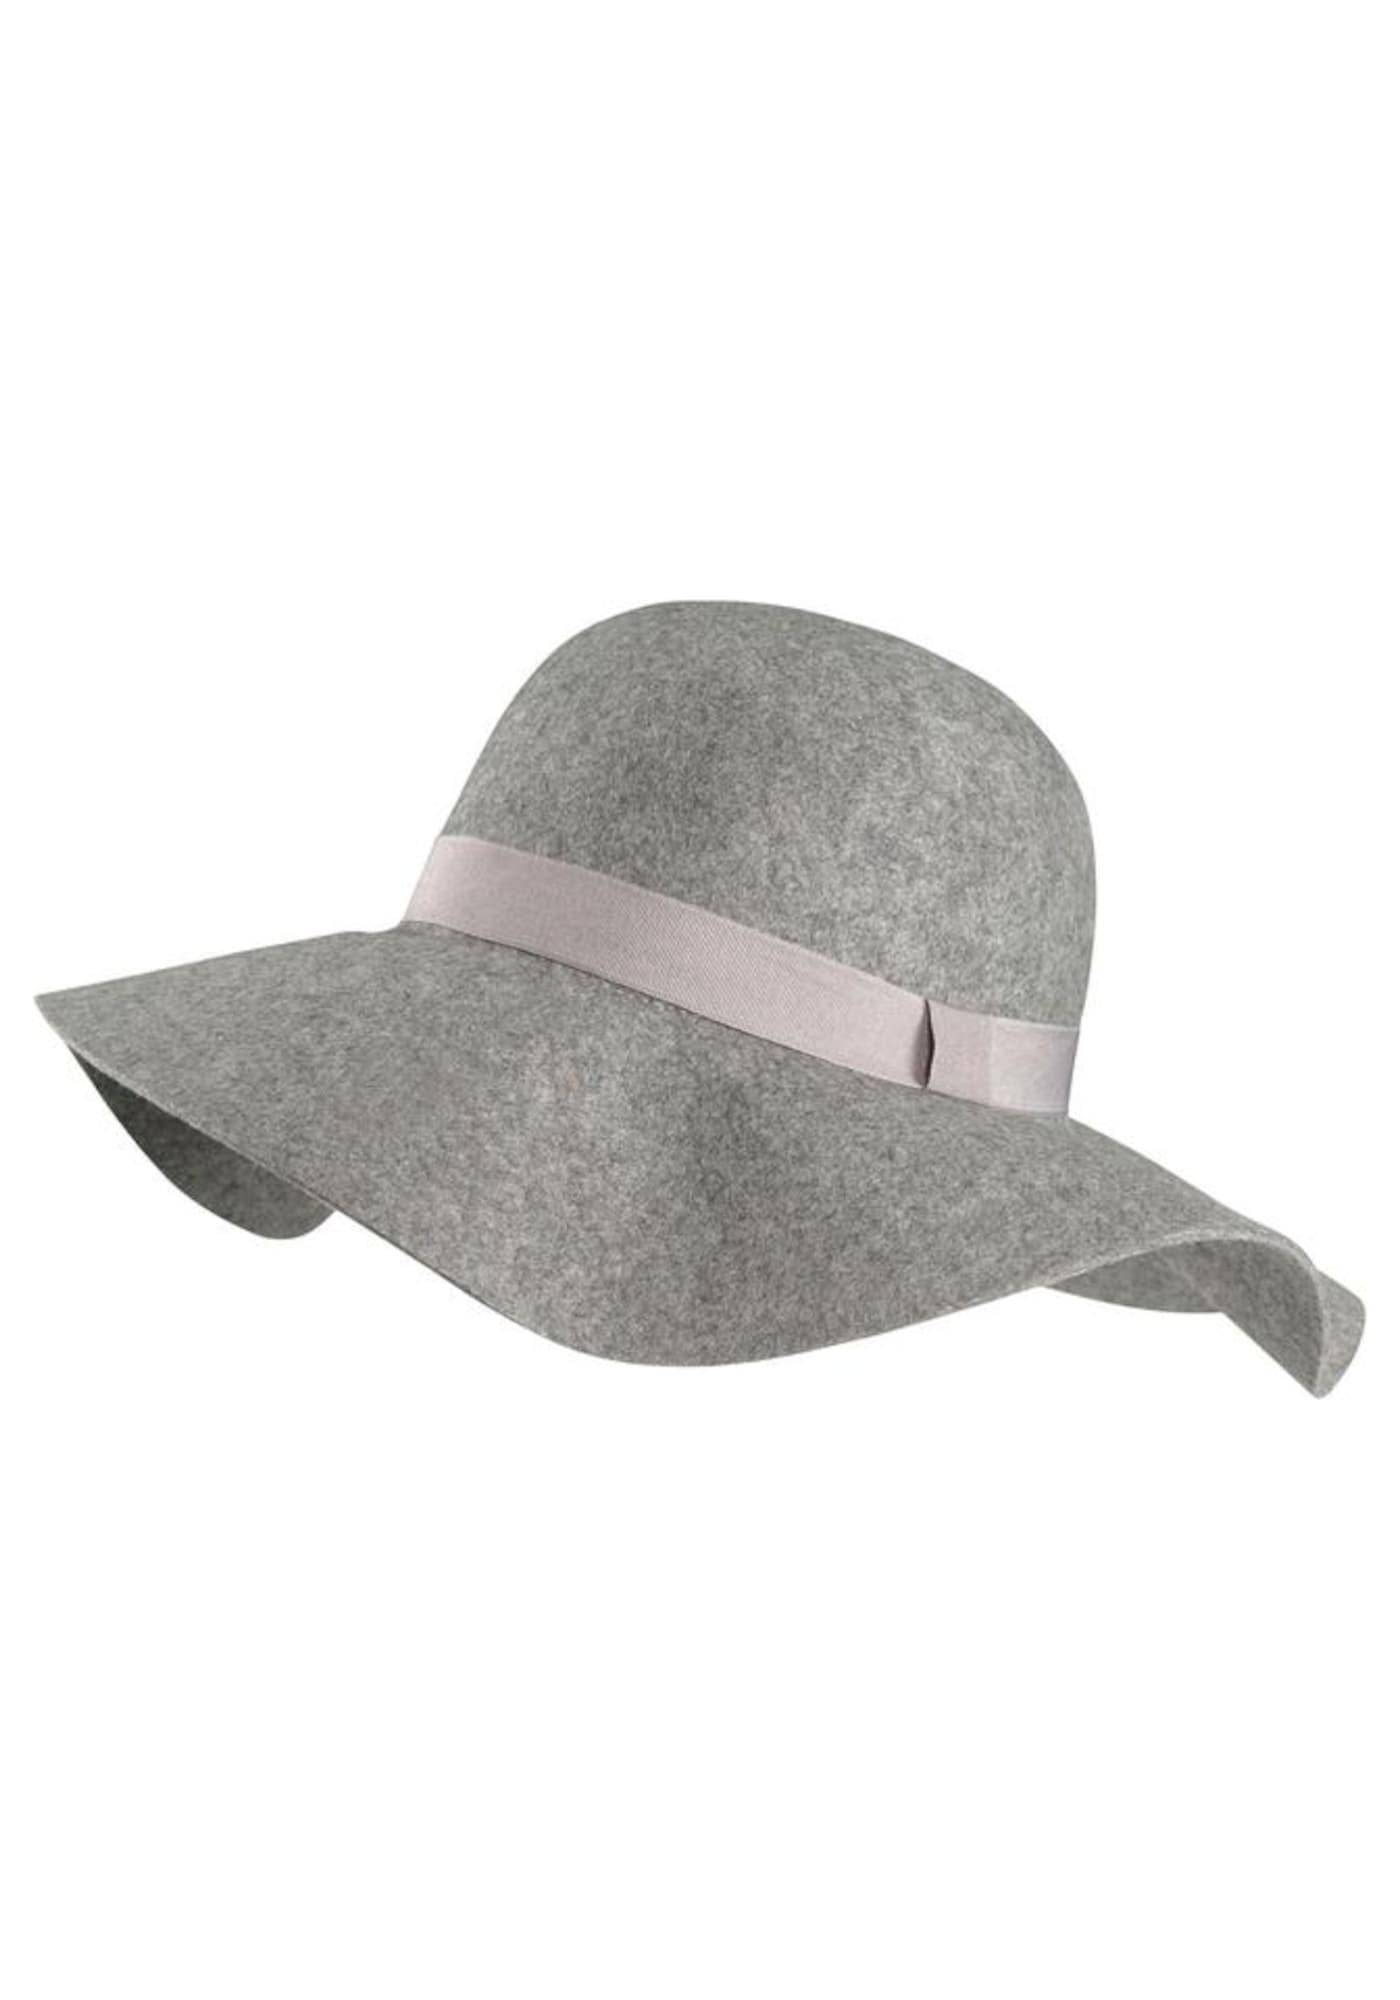 Schlapphut | Accessoires > Hüte > Schlapphüte | Taupe | J. Jayz